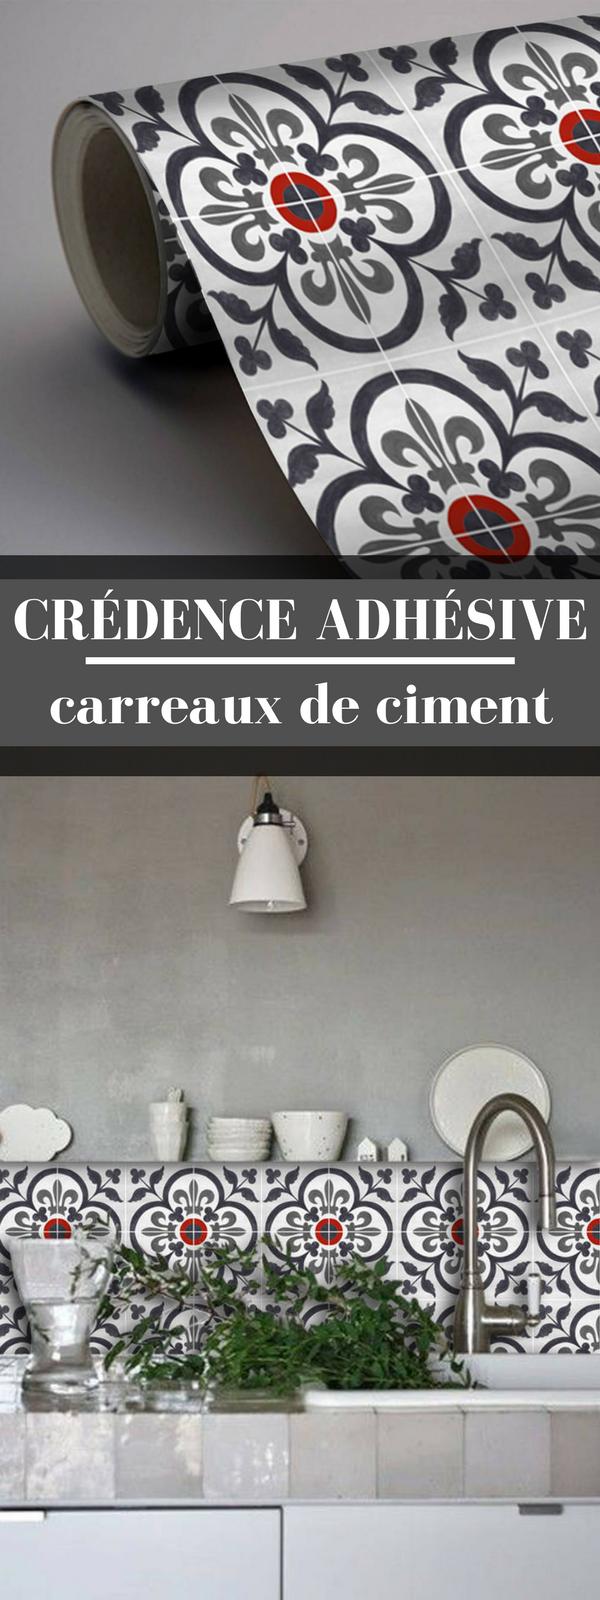 Une Crdence Adhsive Carreaux De Ciment Ide Simple Tendance Et Conomique Pour Relooker Cuisine